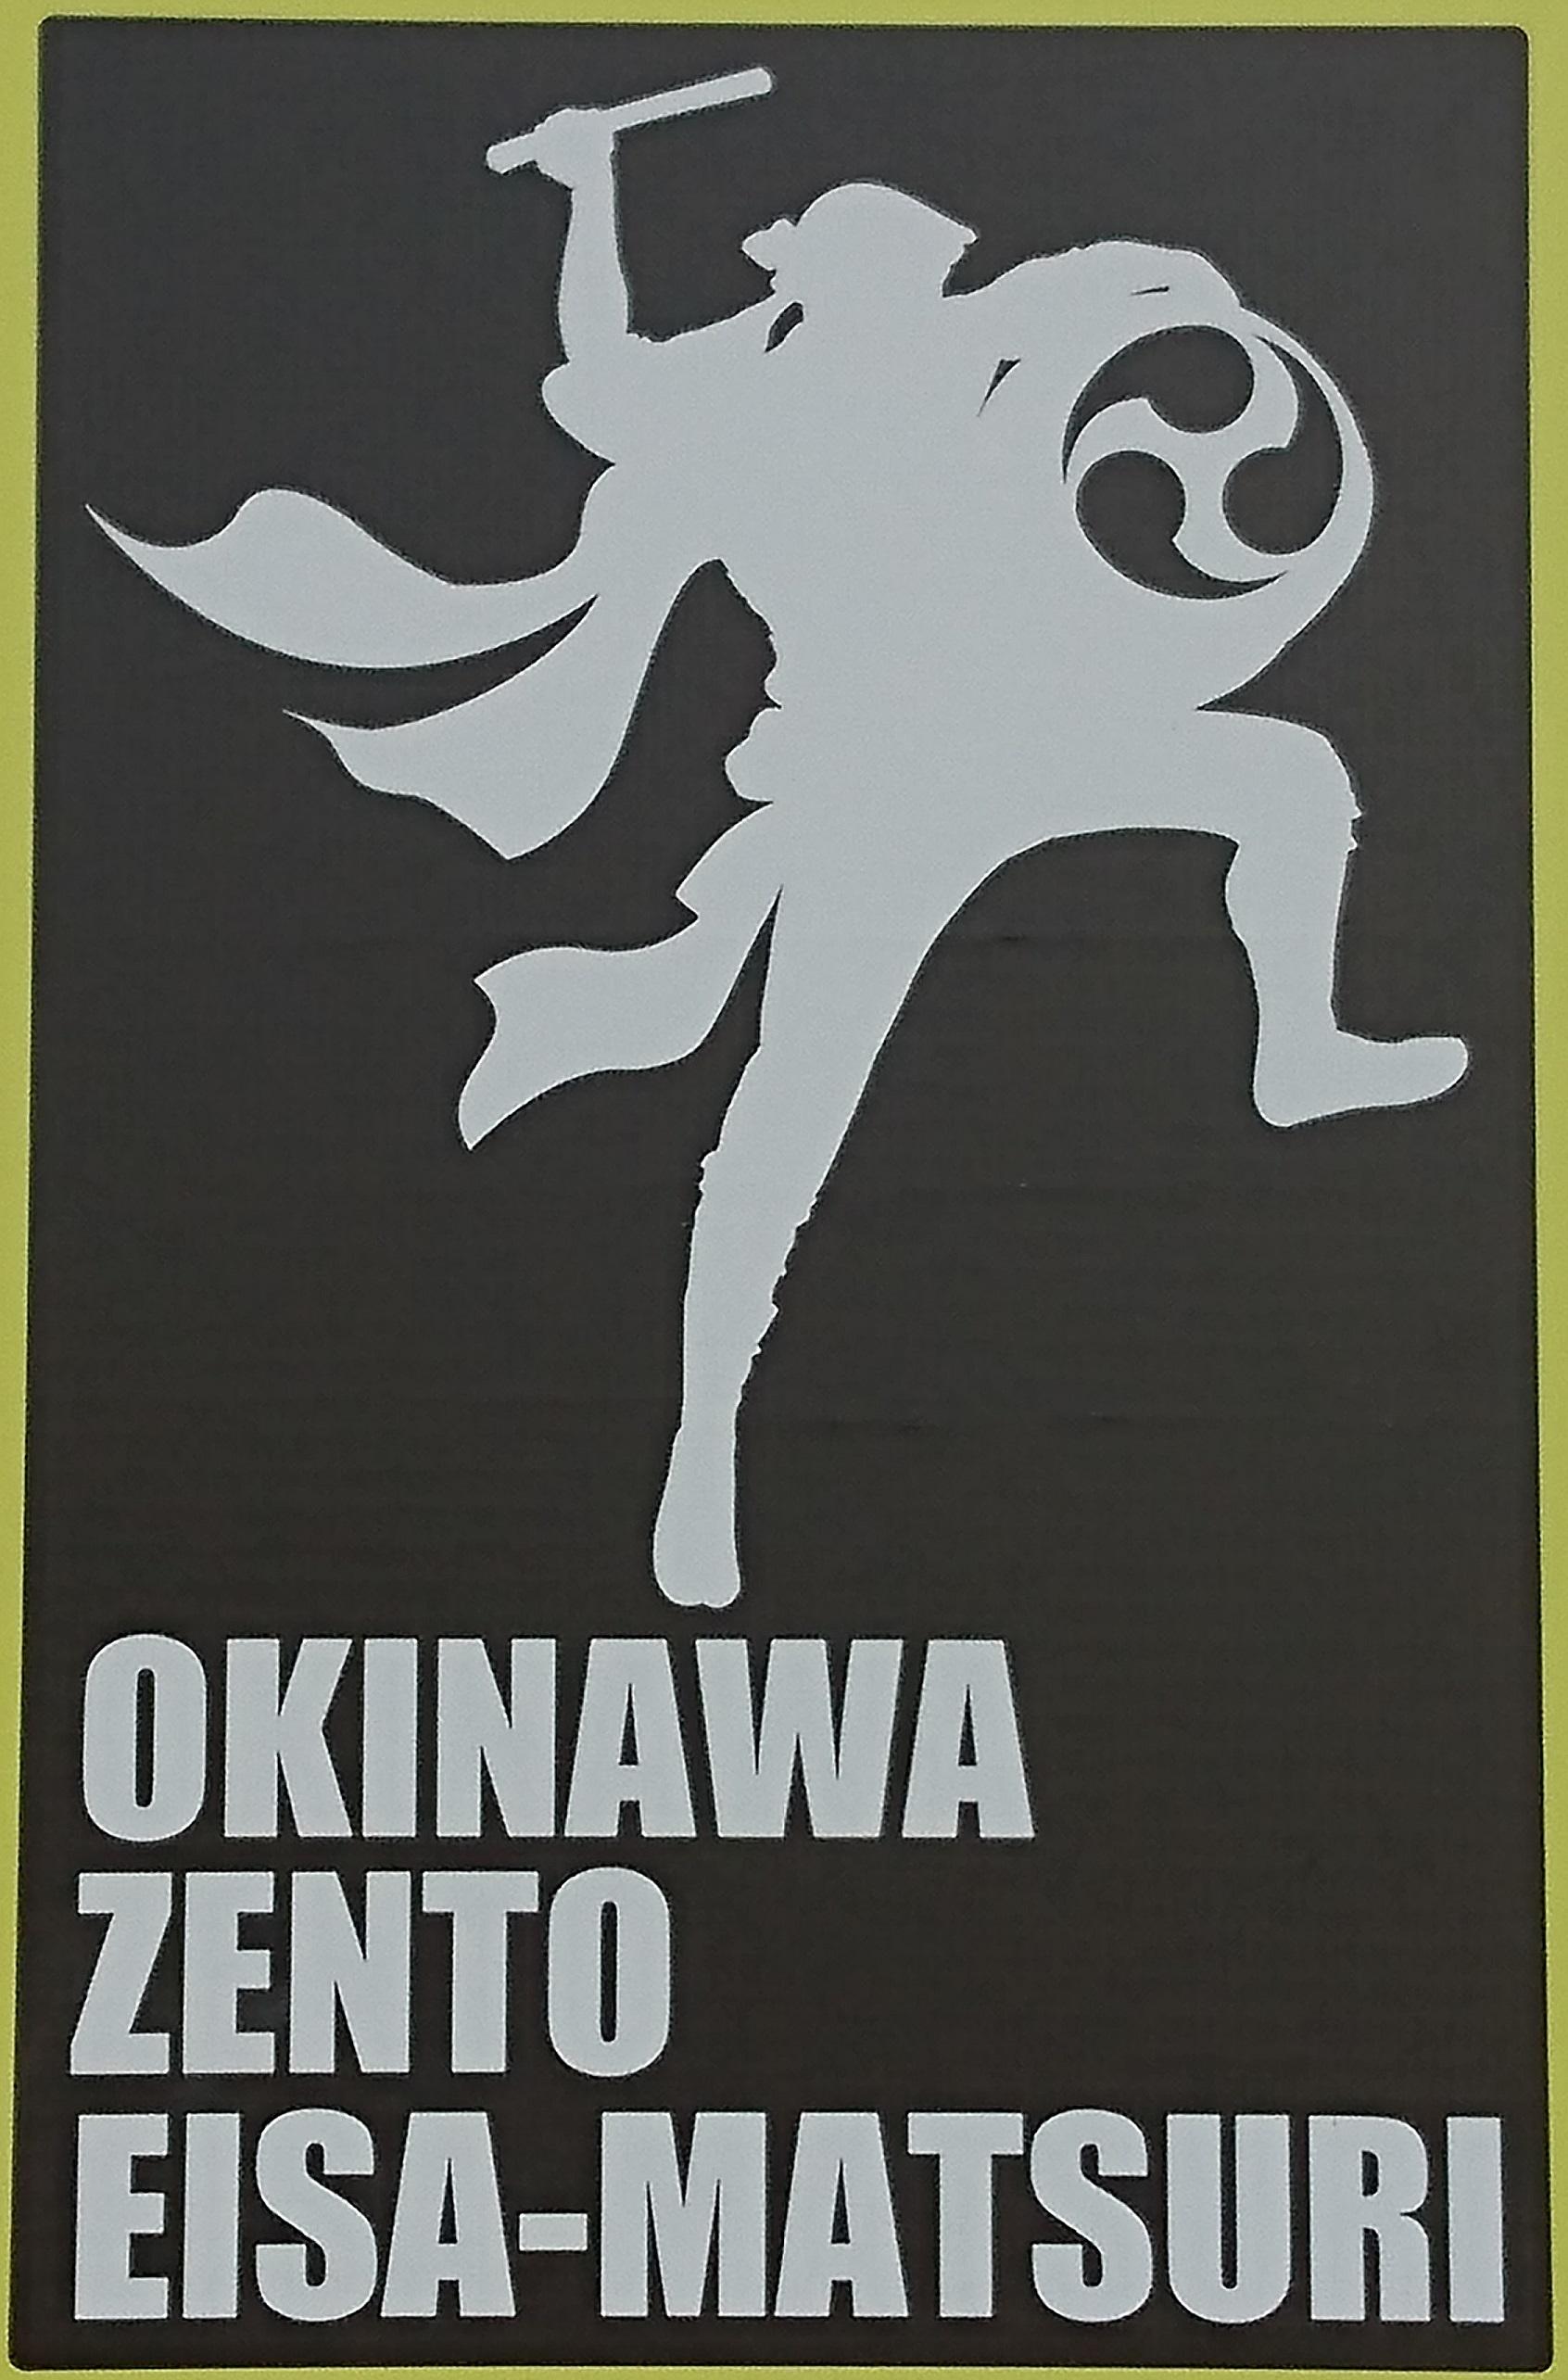 沖縄全島エイサーまつりロゴ